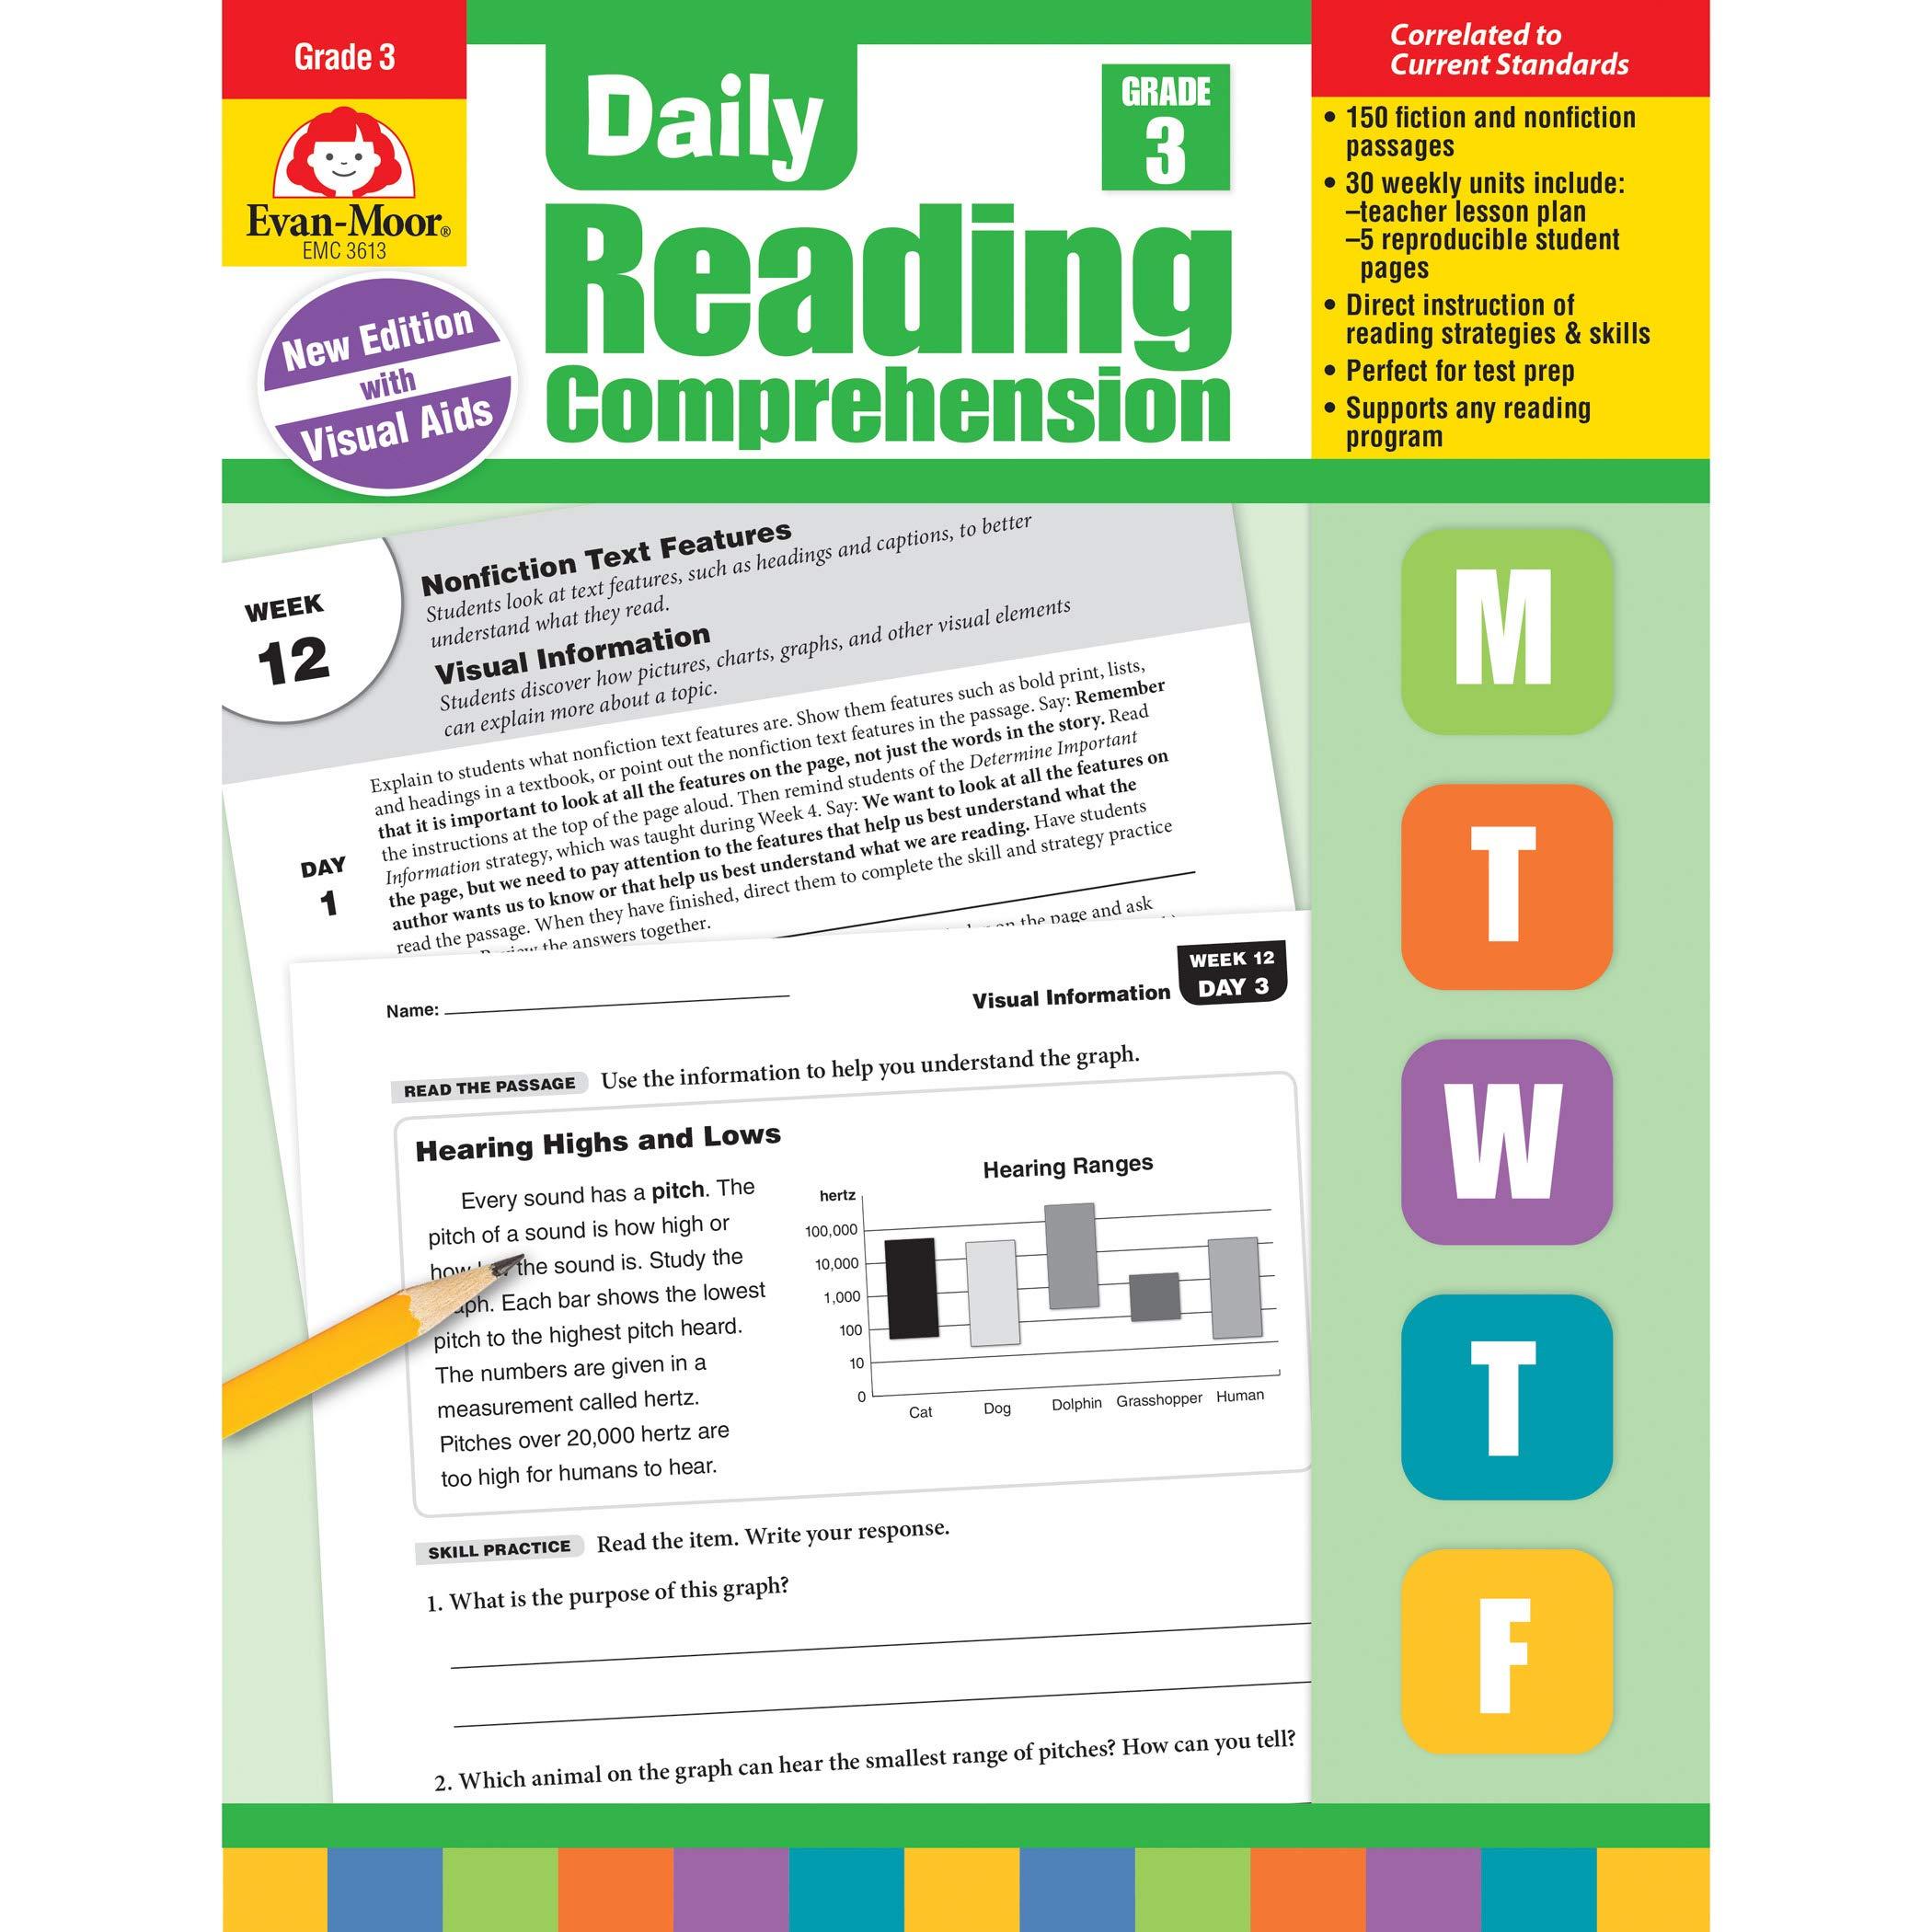 - Amazon.com: Evan-Moor Daily Reading Comprehension, Grade 3